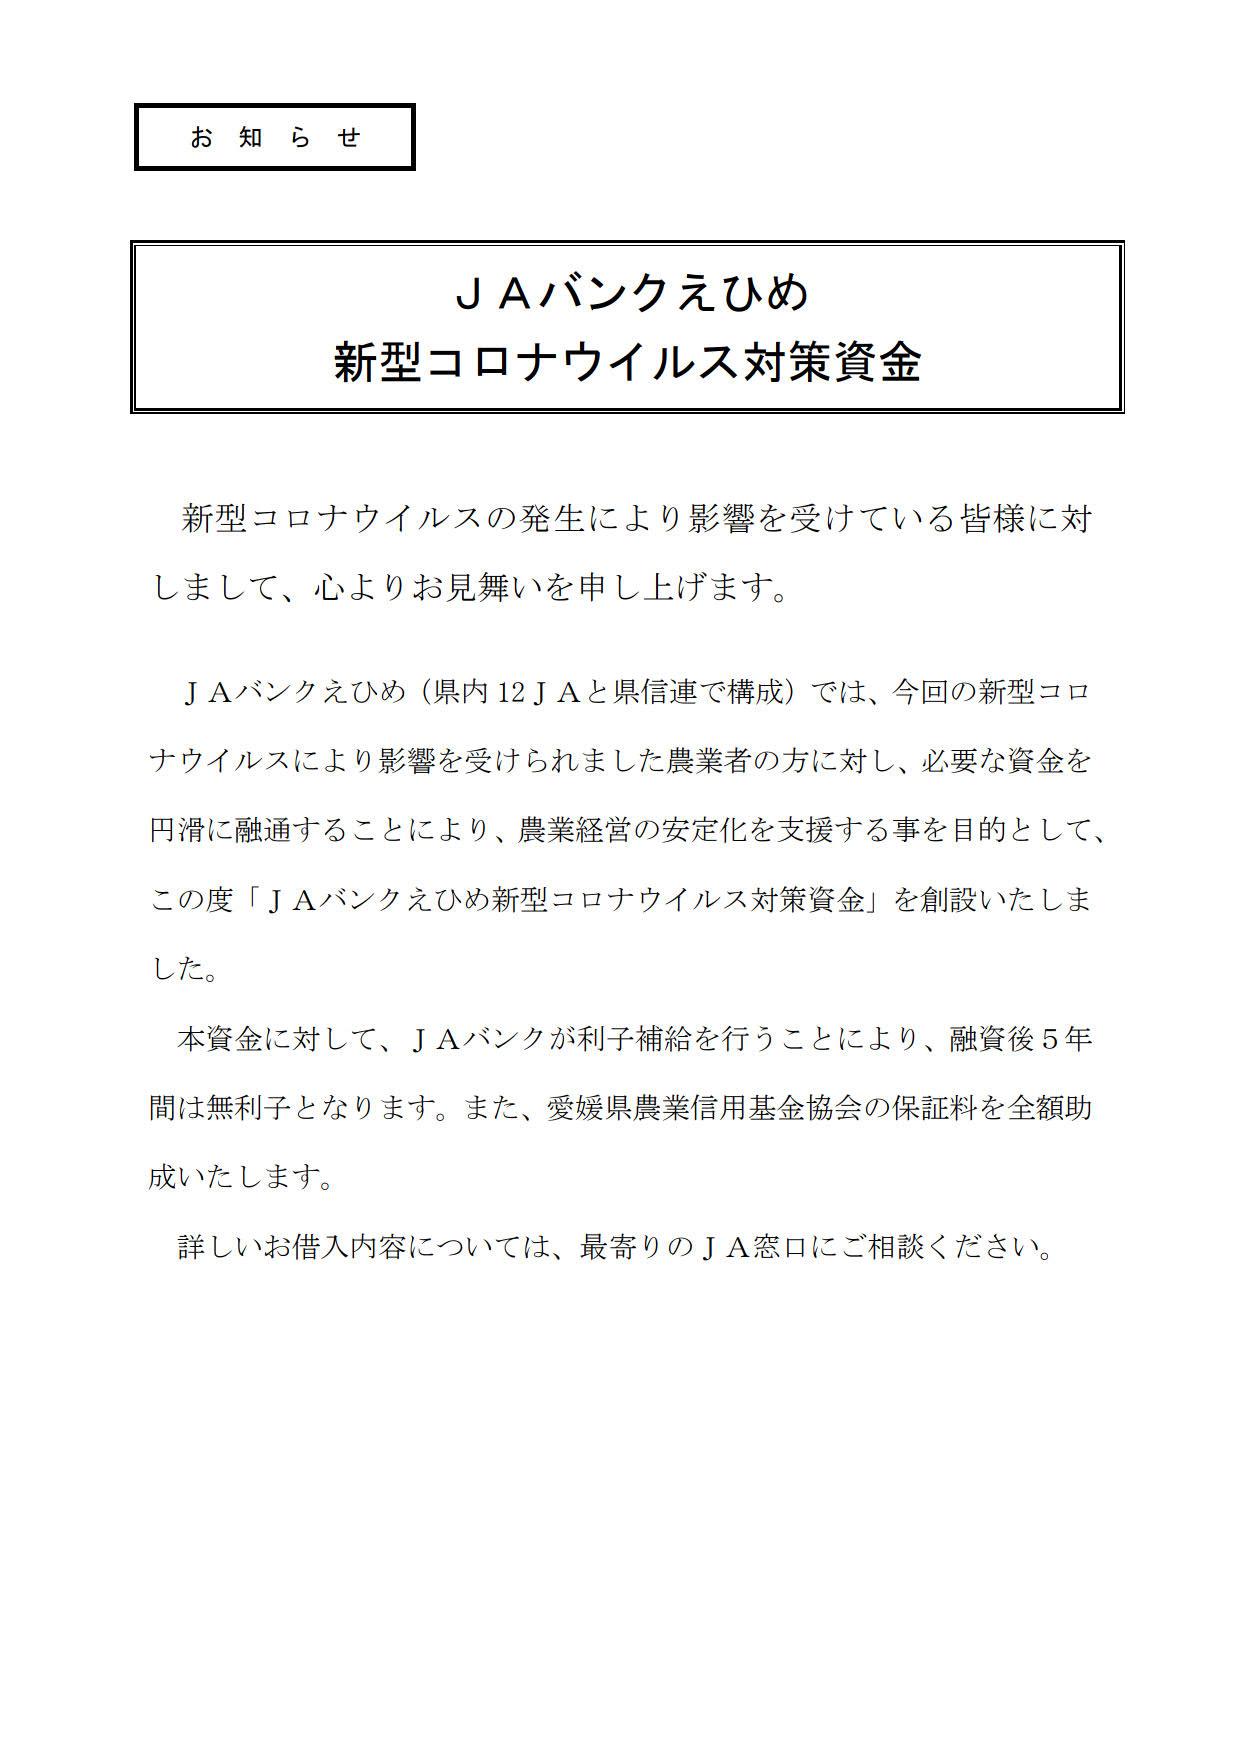 コロナ 情報 愛媛 県 最新 新型 ウイルス